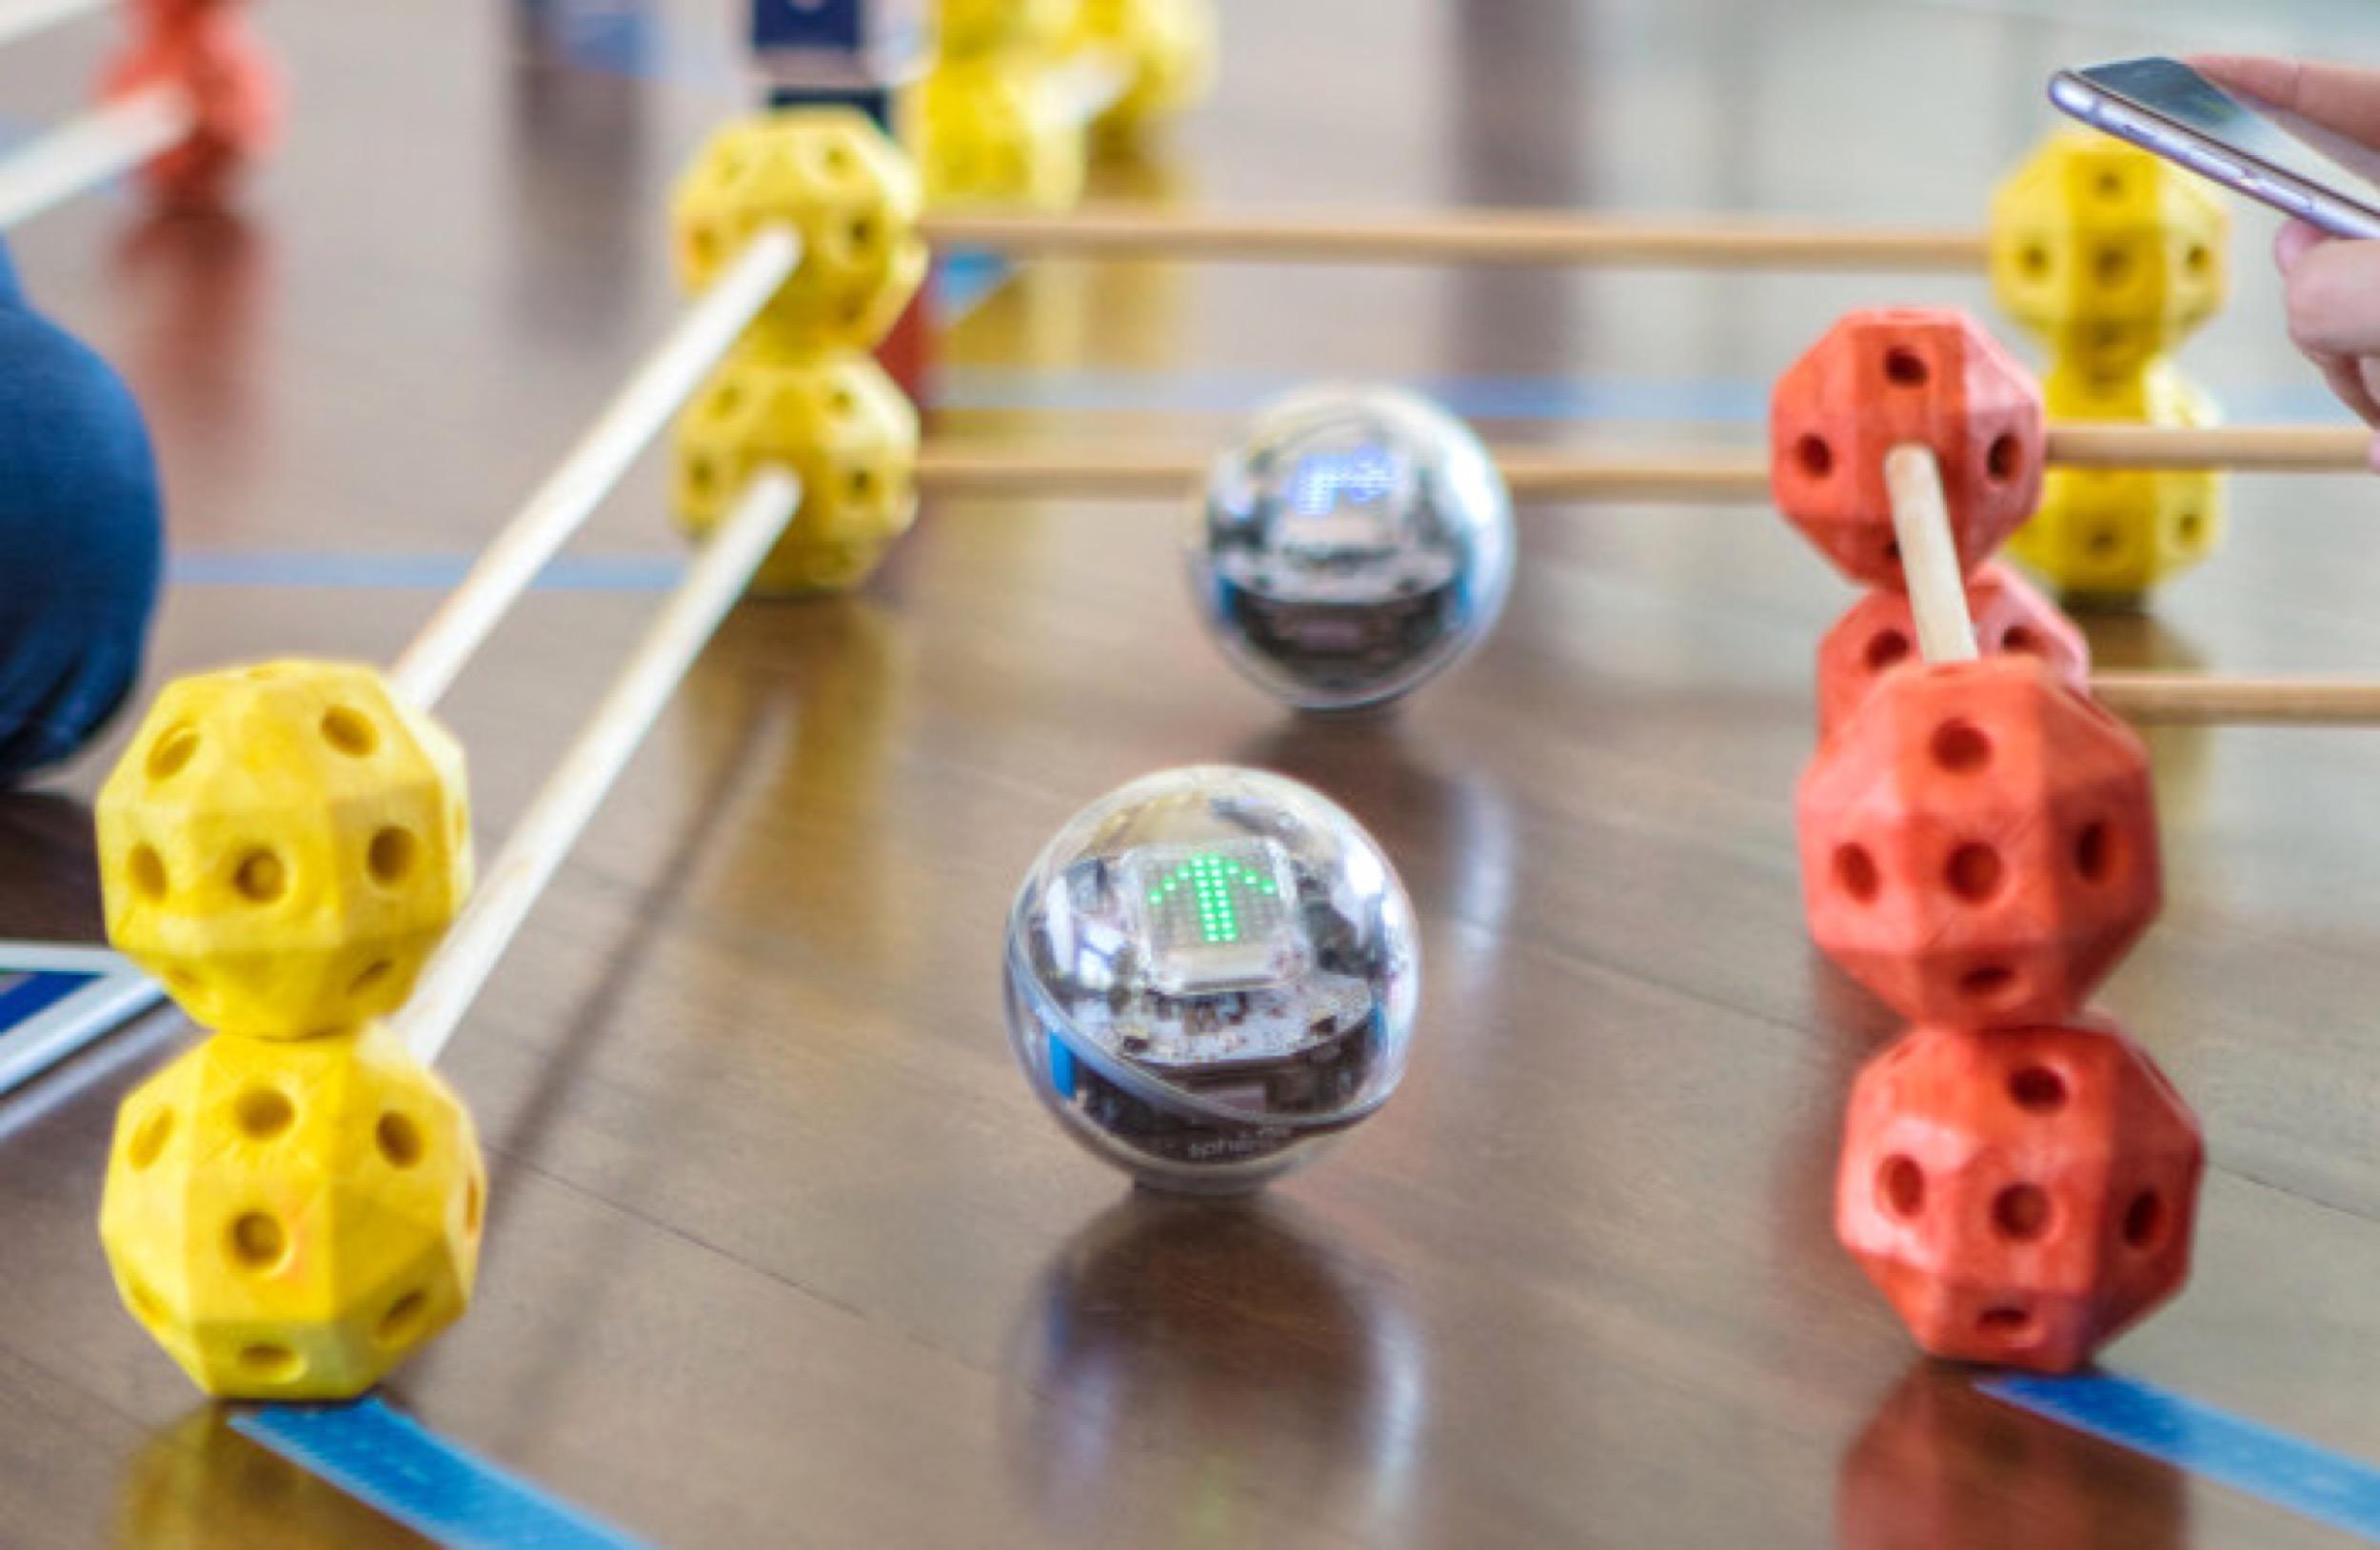 Un nouveau robot connecté arrive chez Sphero : voici Bolt et son afficheur LED 1